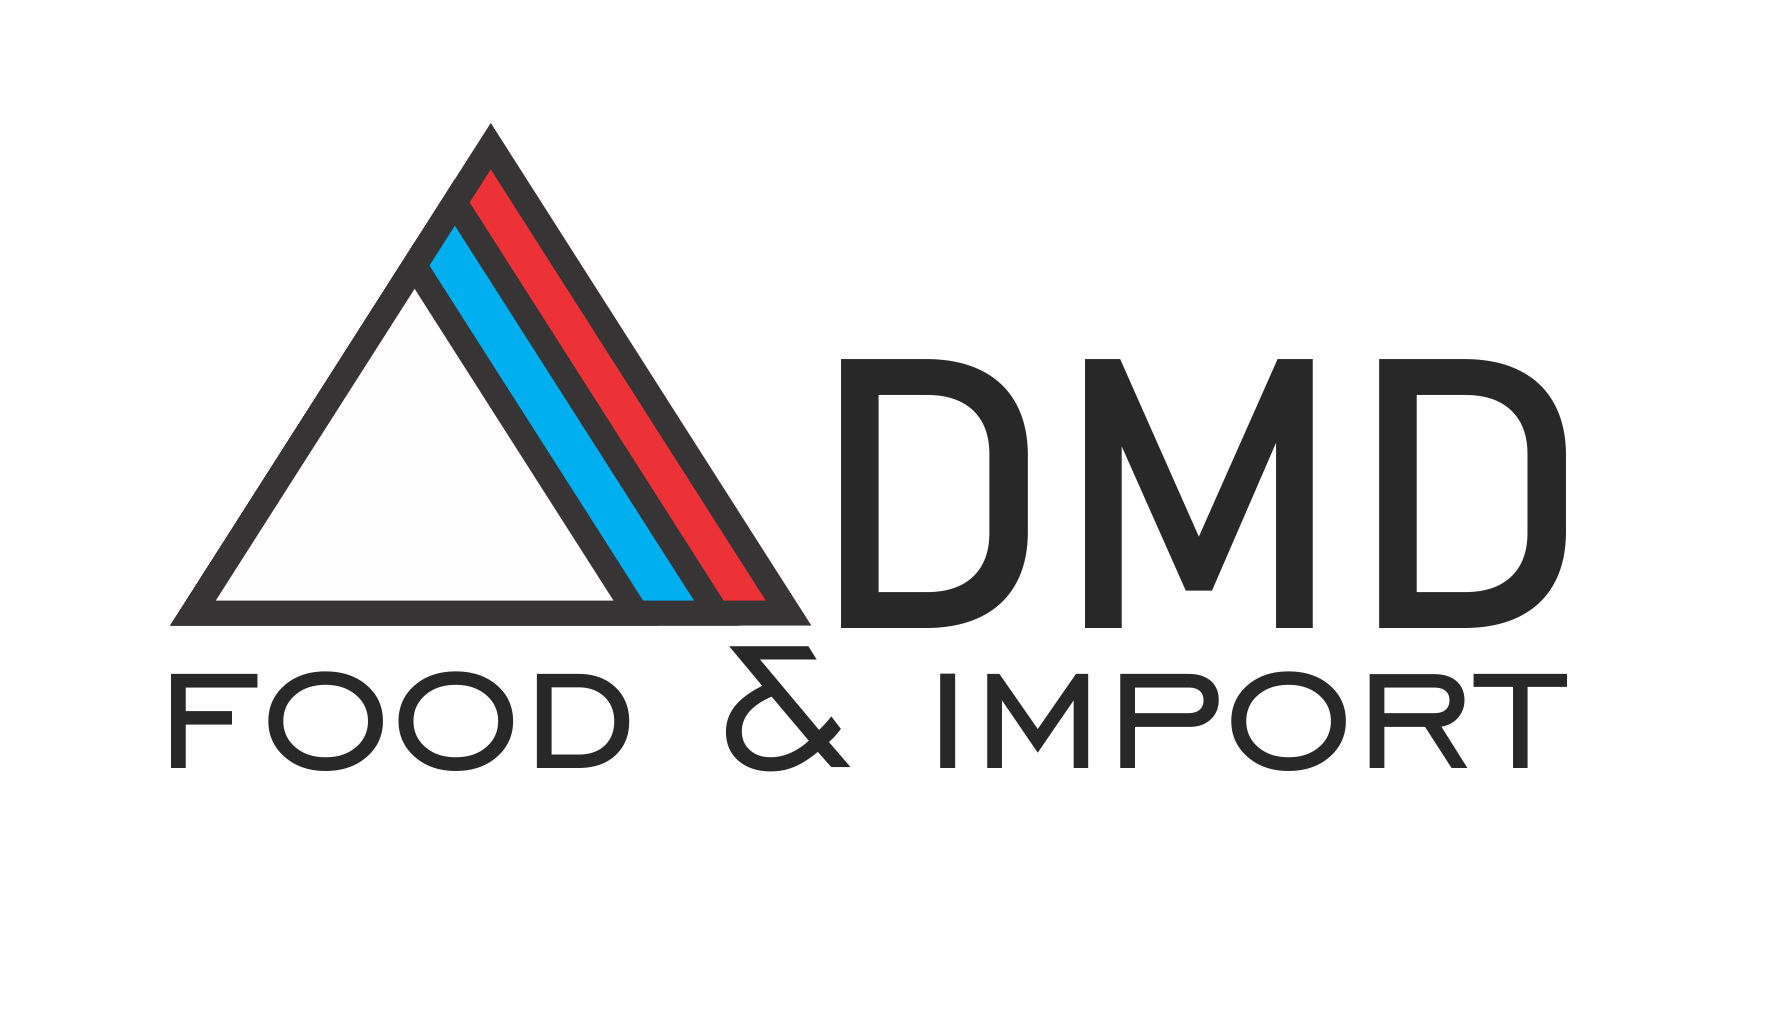 DMD SPA